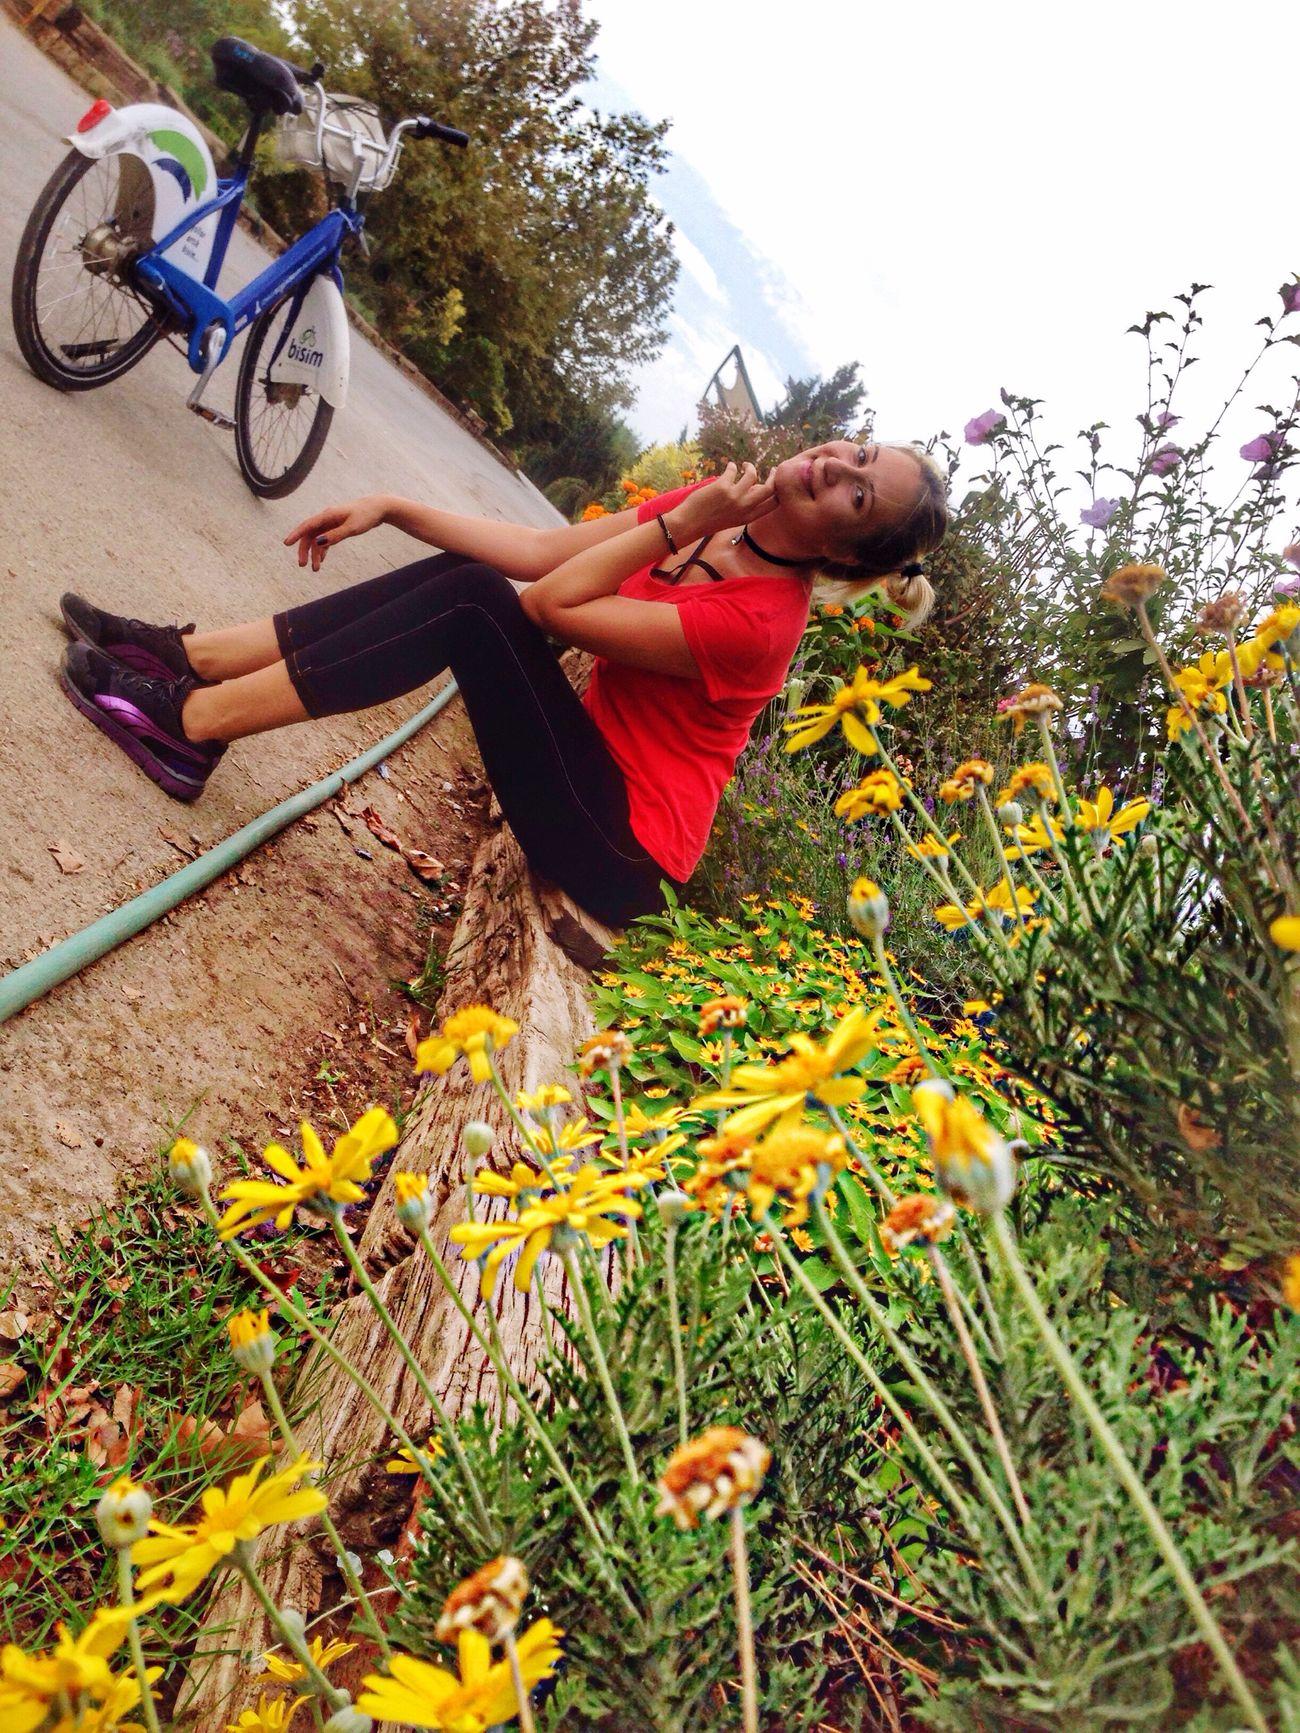 Çiçekli böcekli güzel köşeler bulabilirsiniz ☺️🖐🏻❤️ Lifestyles Flower Young Women First Eyeem Photo